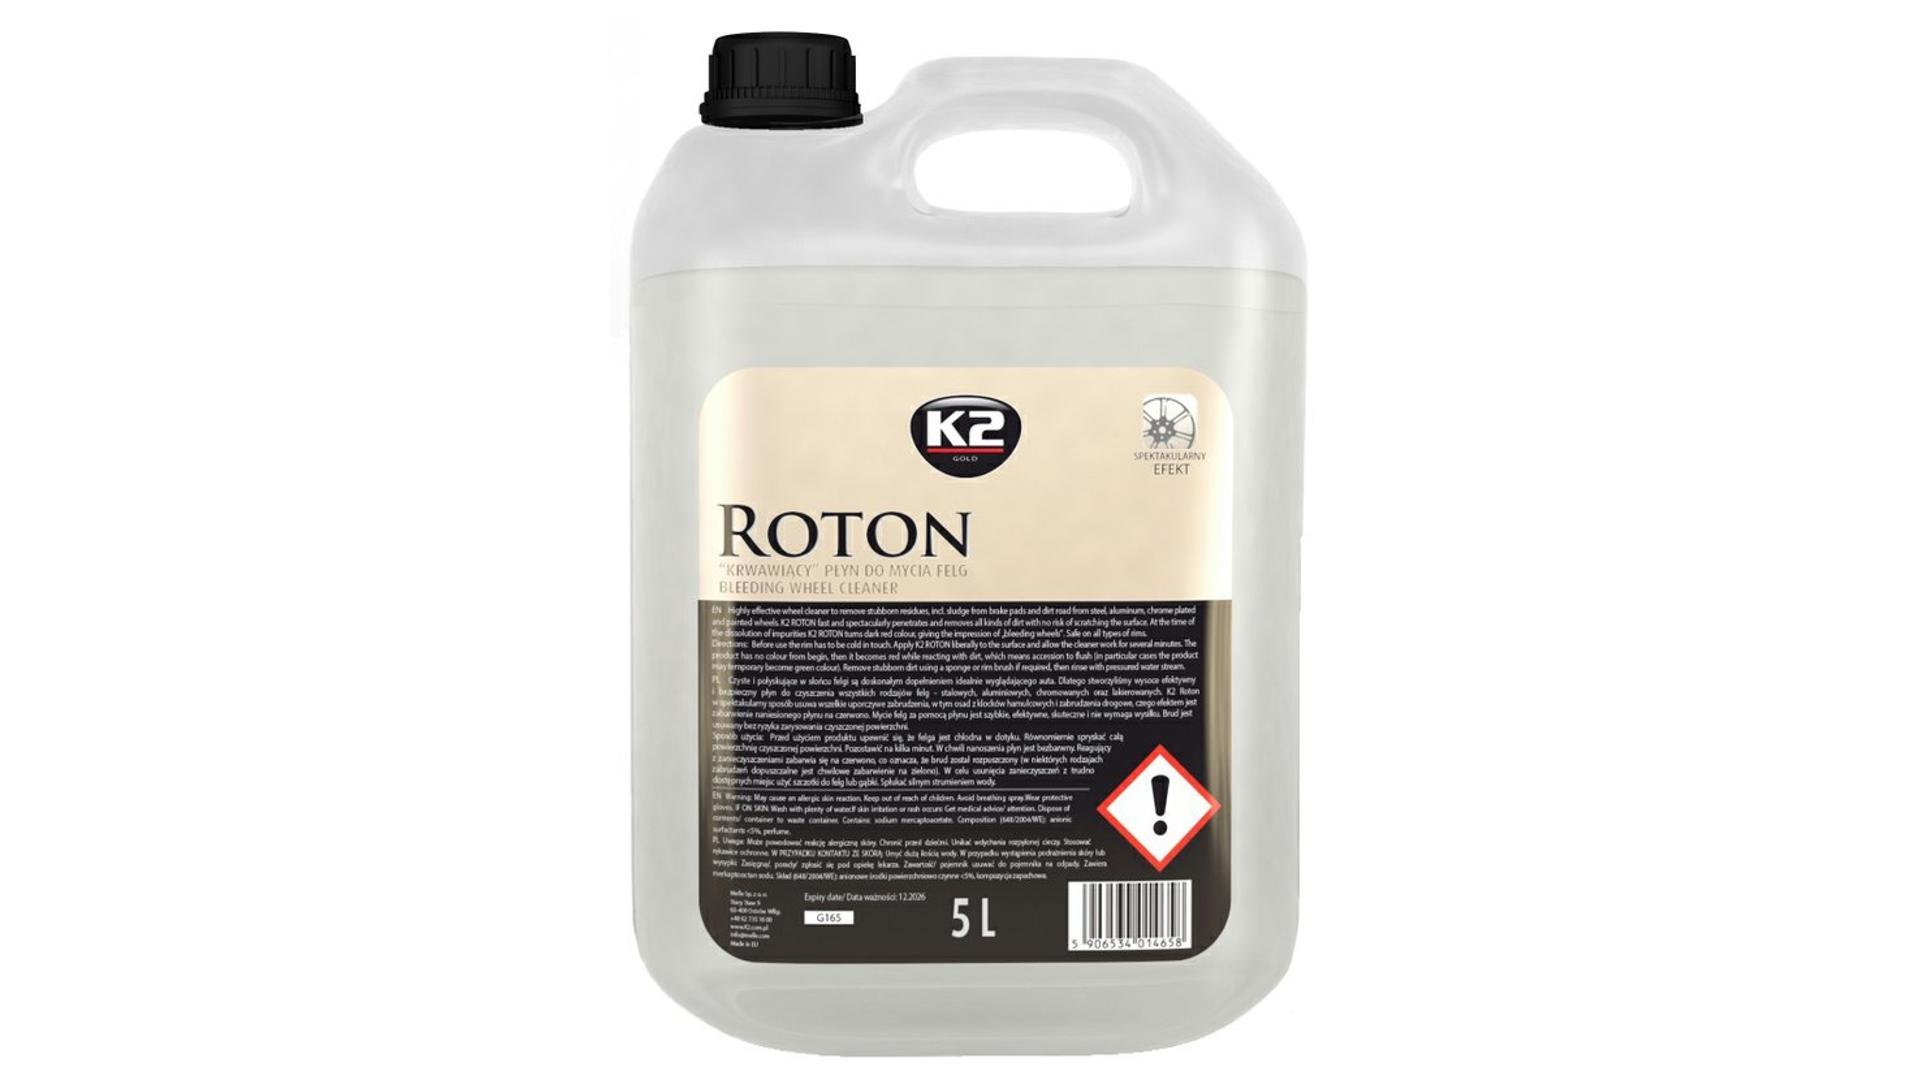 K2 ROTON 5 l - profesionálny čistič diskov kolies